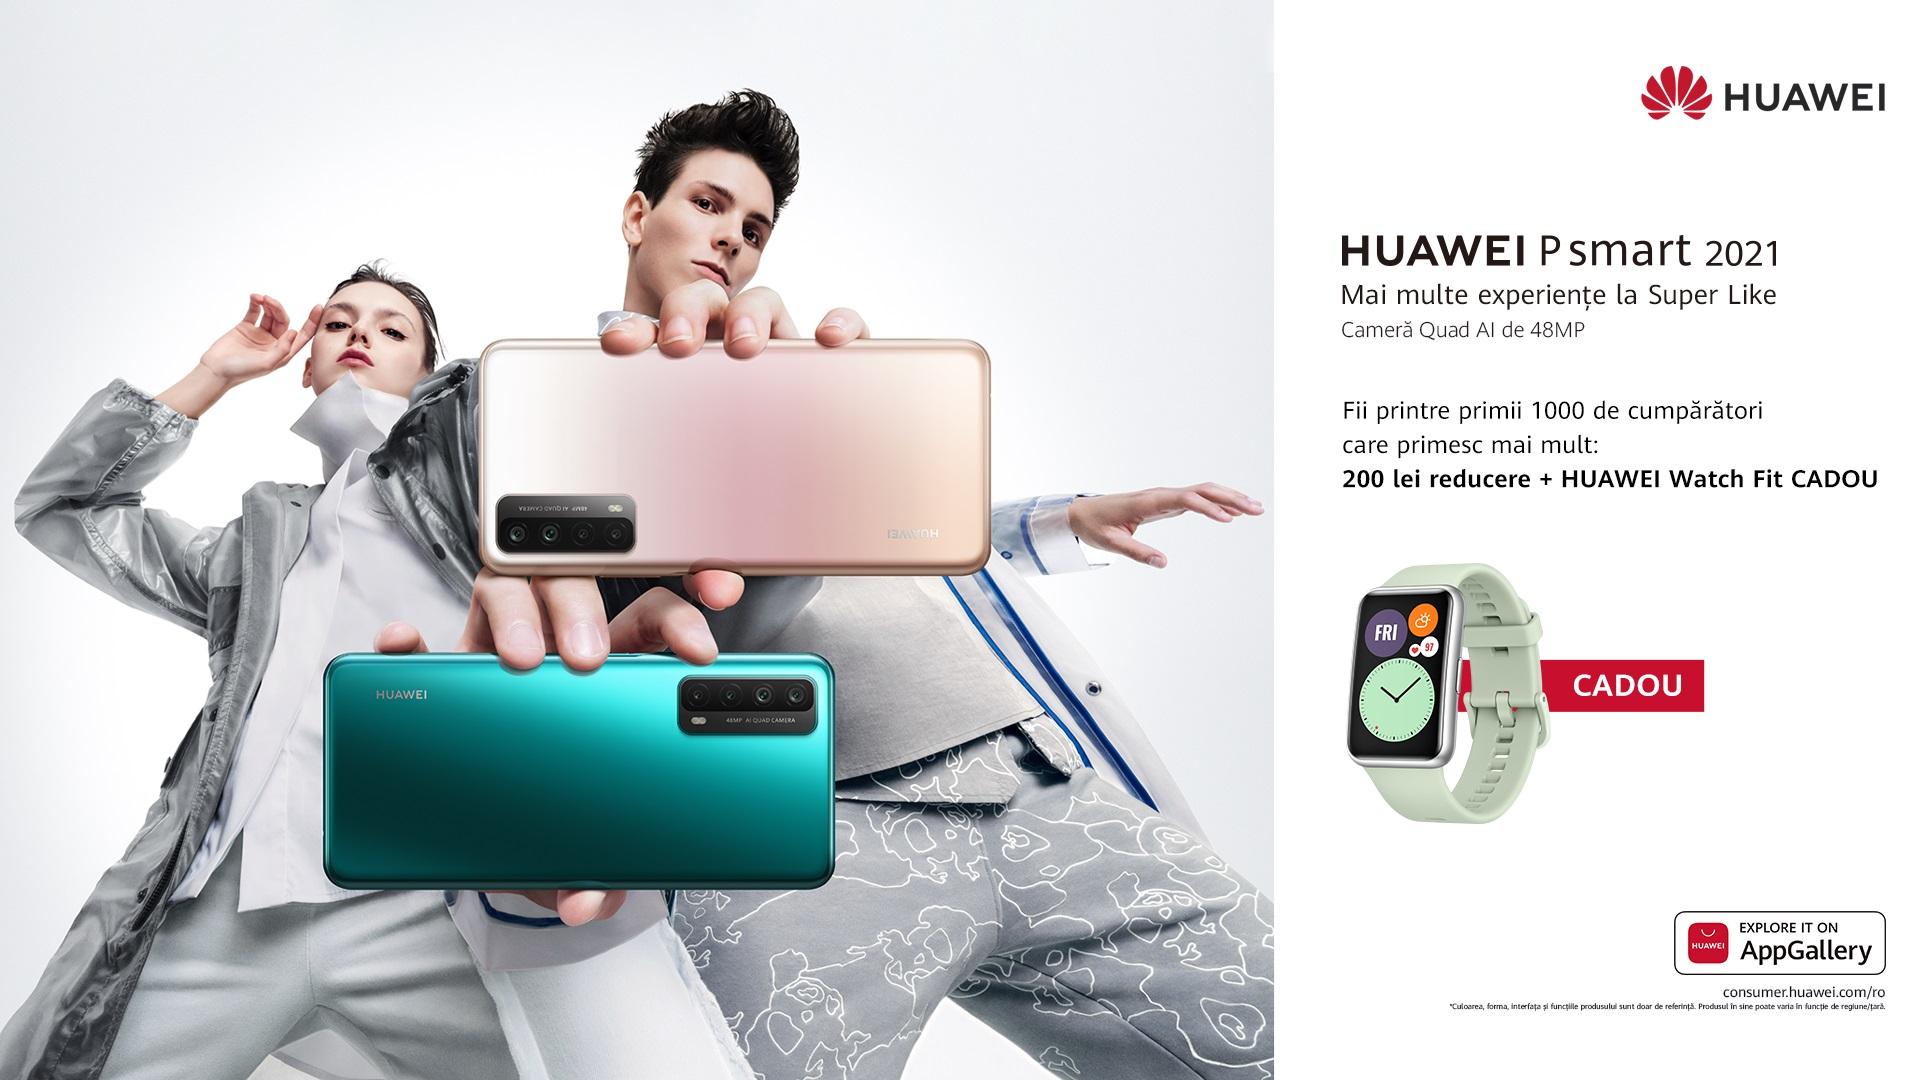 HUAWEI P smart 2021: Mai multe experiențe cu o cameră foto cu rezoluție mare AI Quad și o baterie generoasă de 5000 mAh